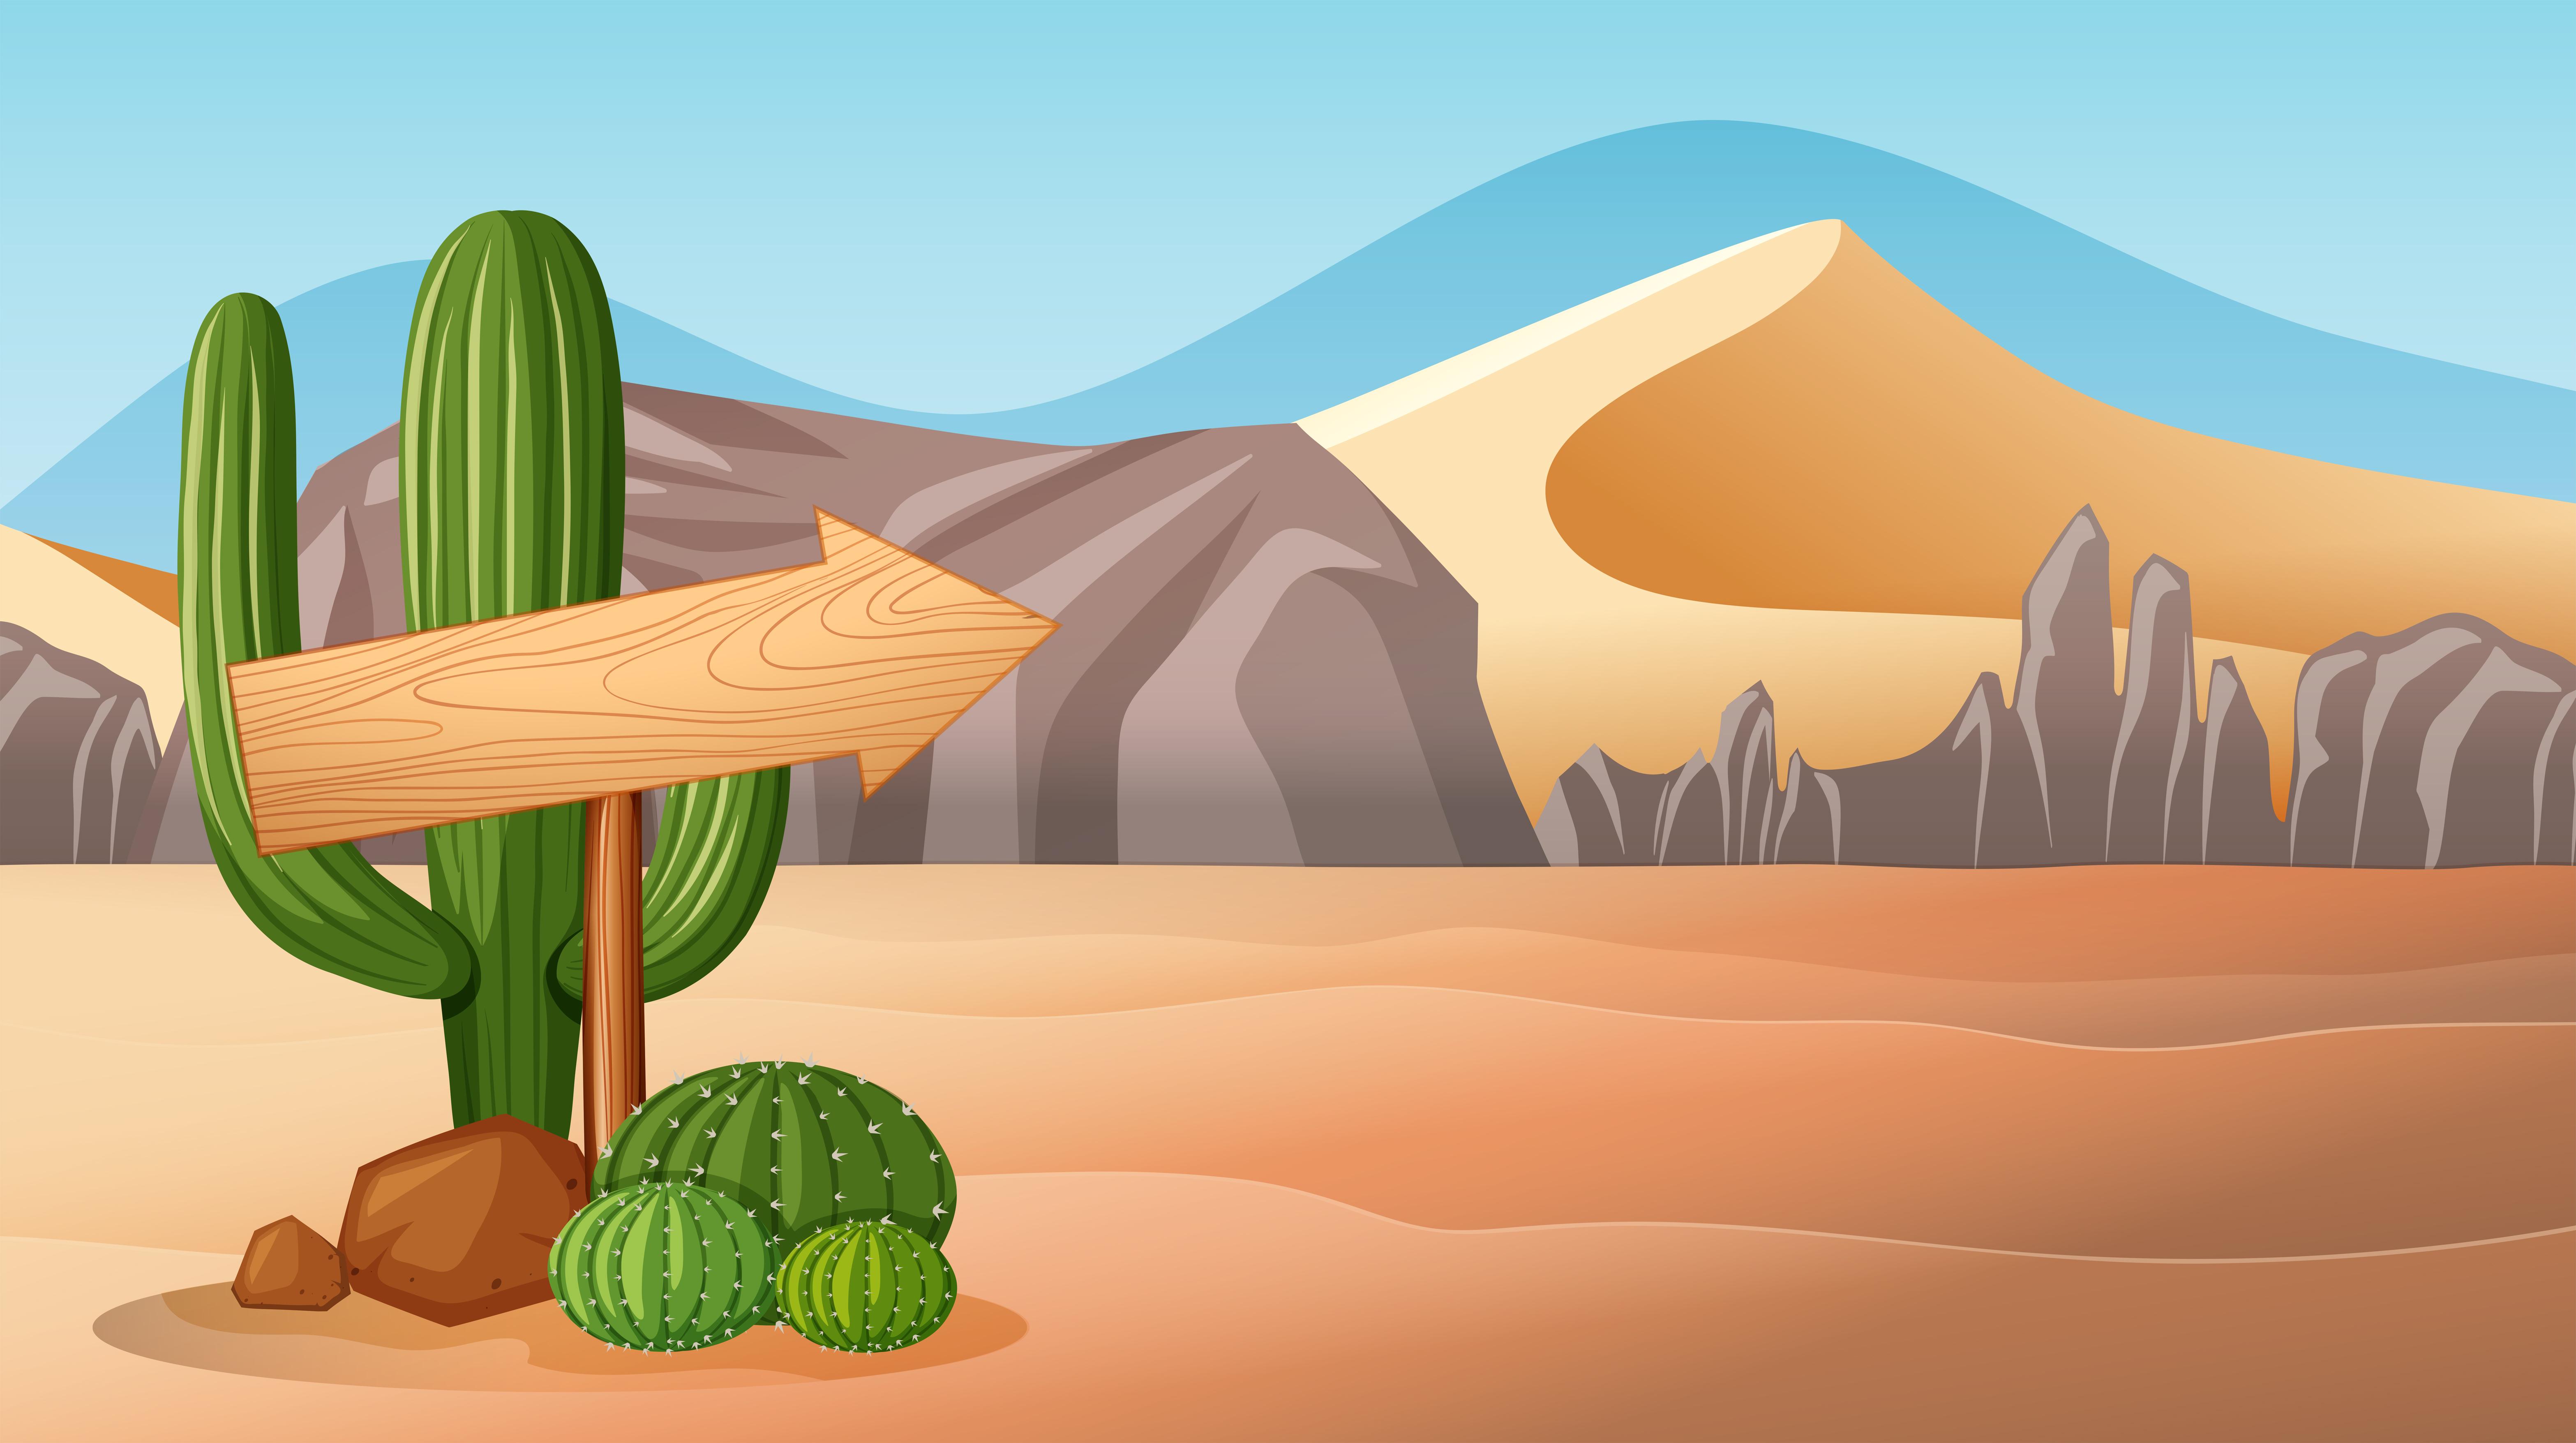 Desert Scene With Wood Sign Download Free Vectors